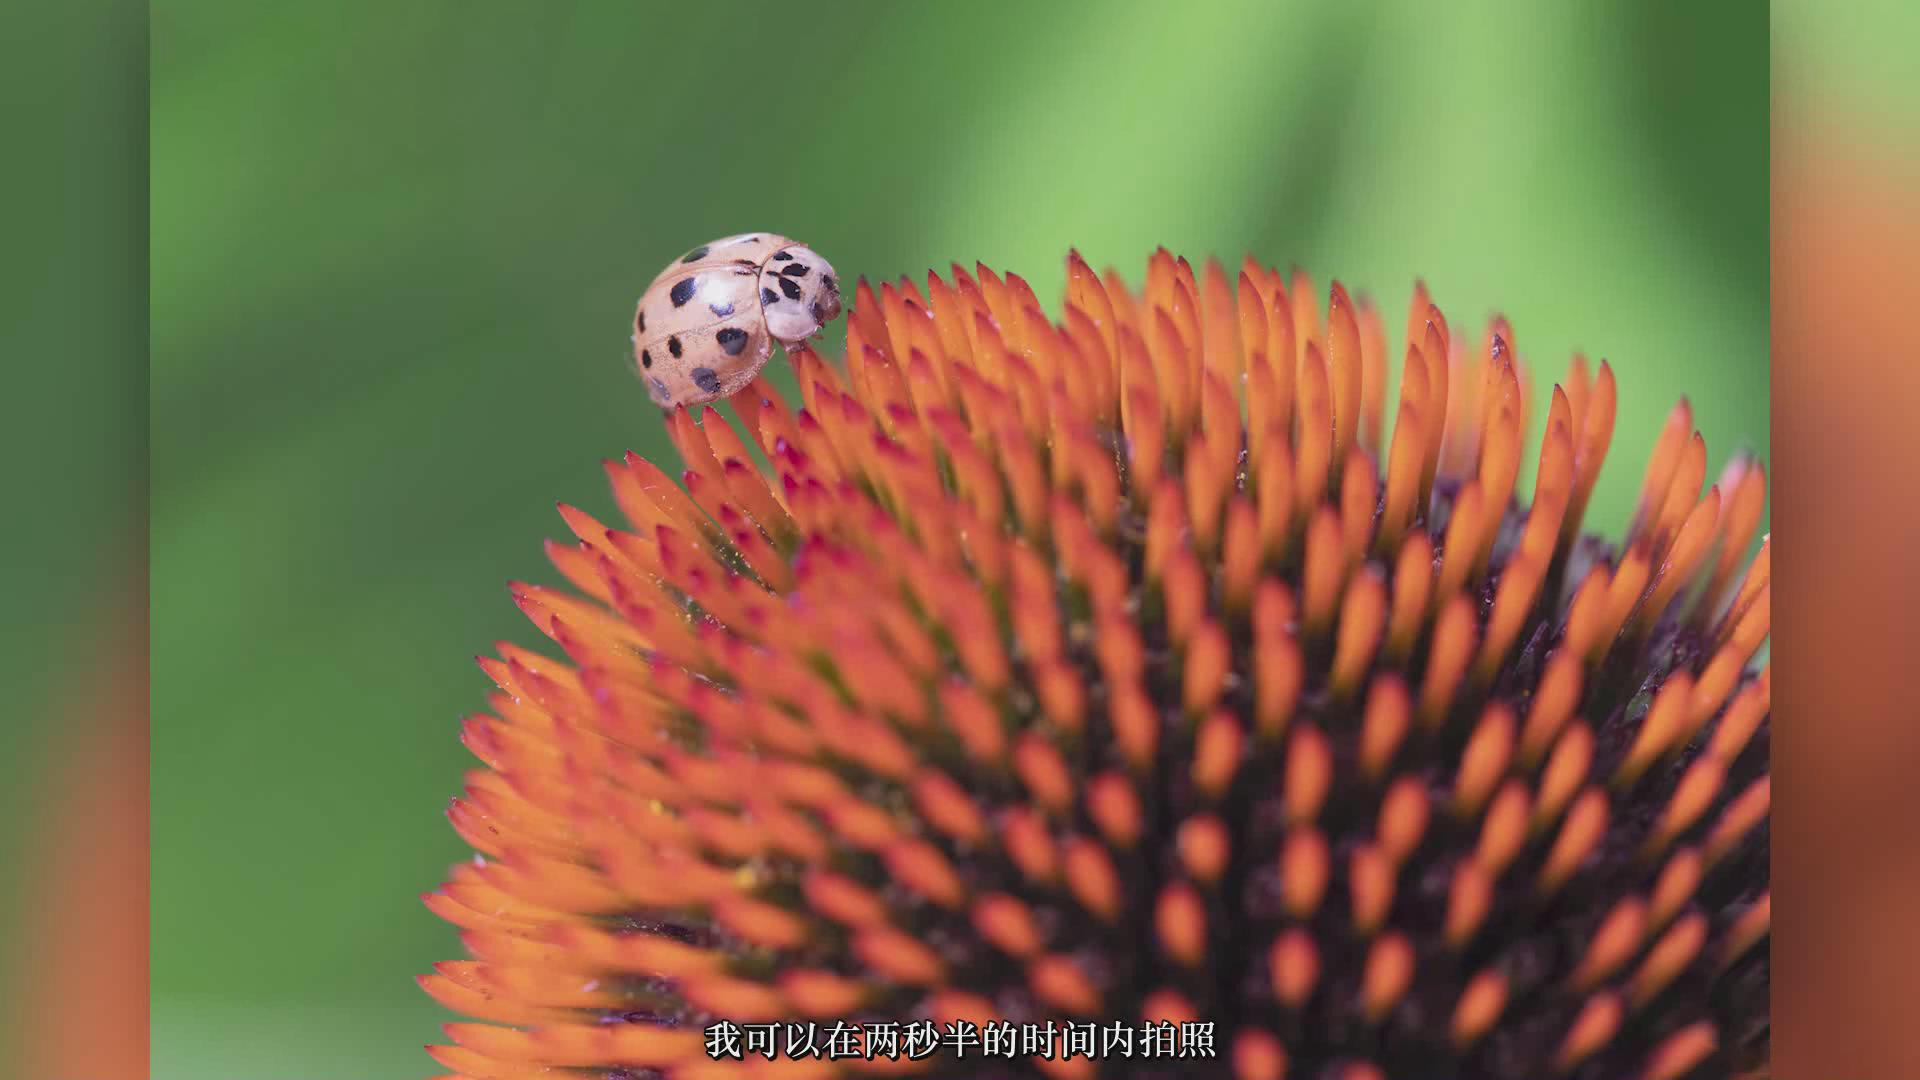 摄影教程_JOSHUA DUNLOP-掌握宏观微距摄影-捕捉惊人的细节-中文字幕 摄影教程 _预览图6